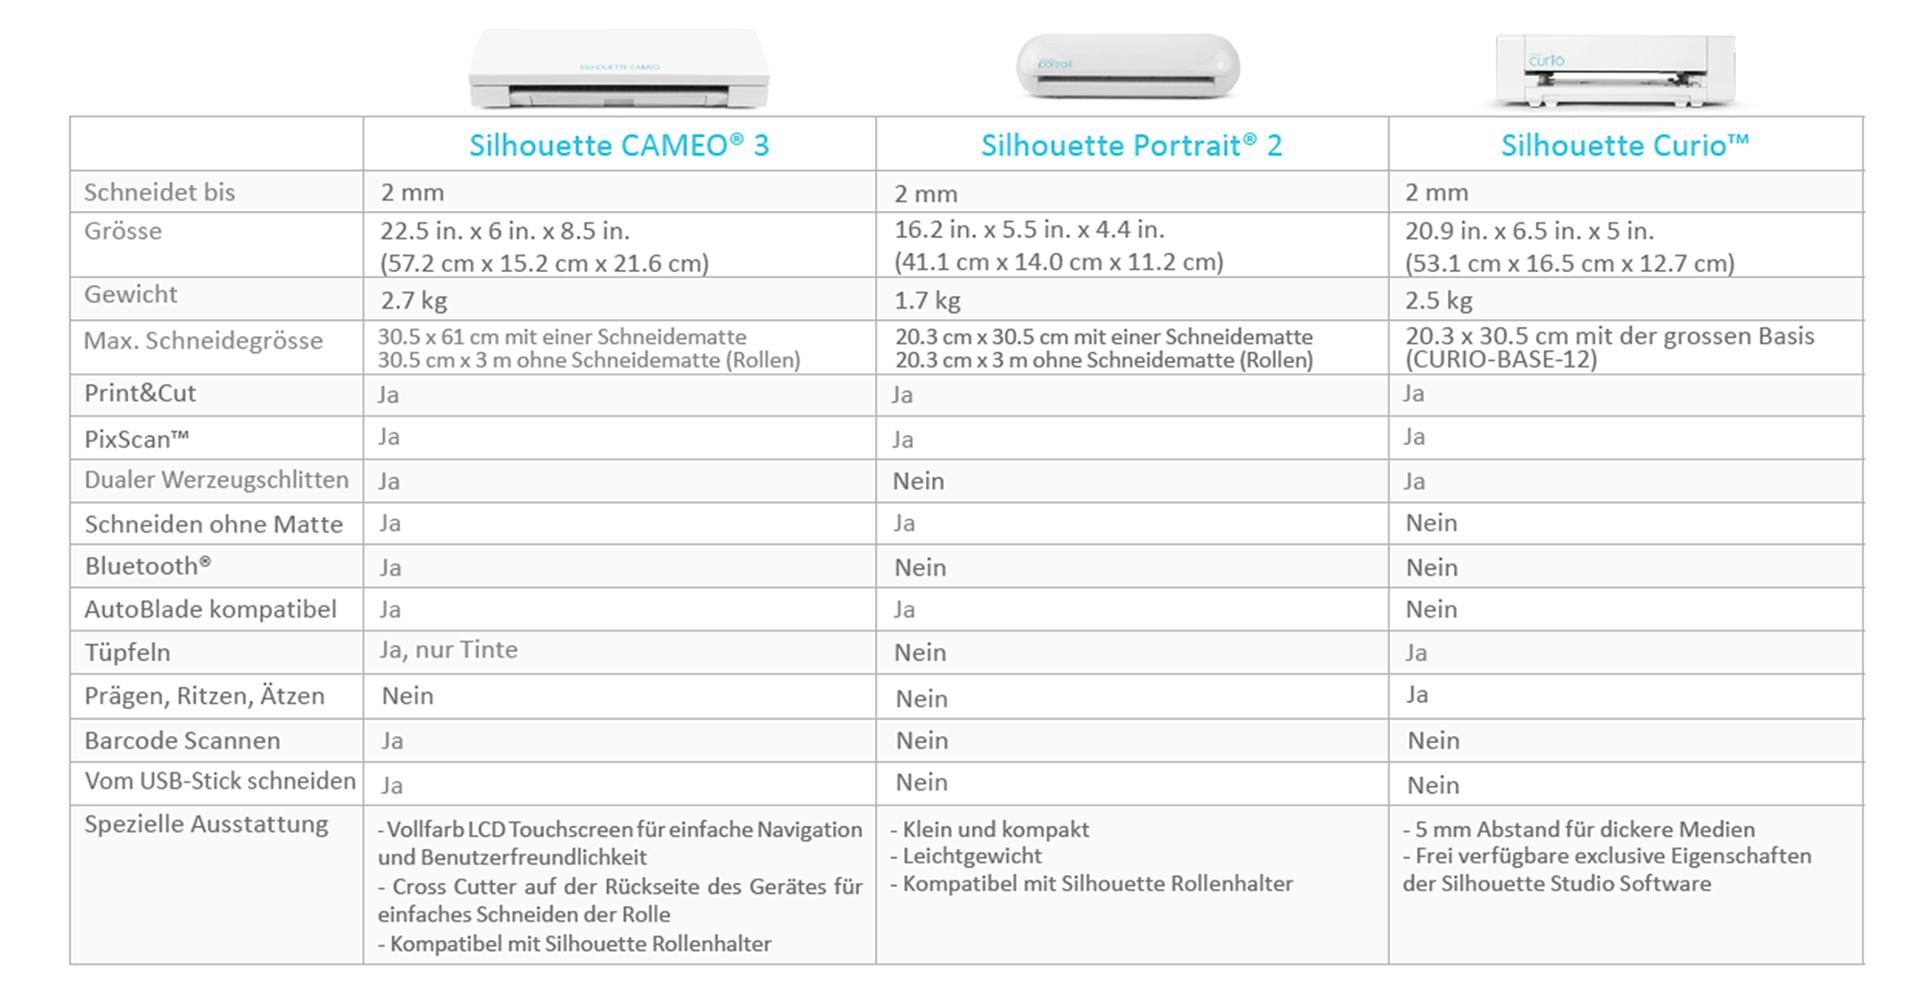 Geräte von Silhouette im Vergleich